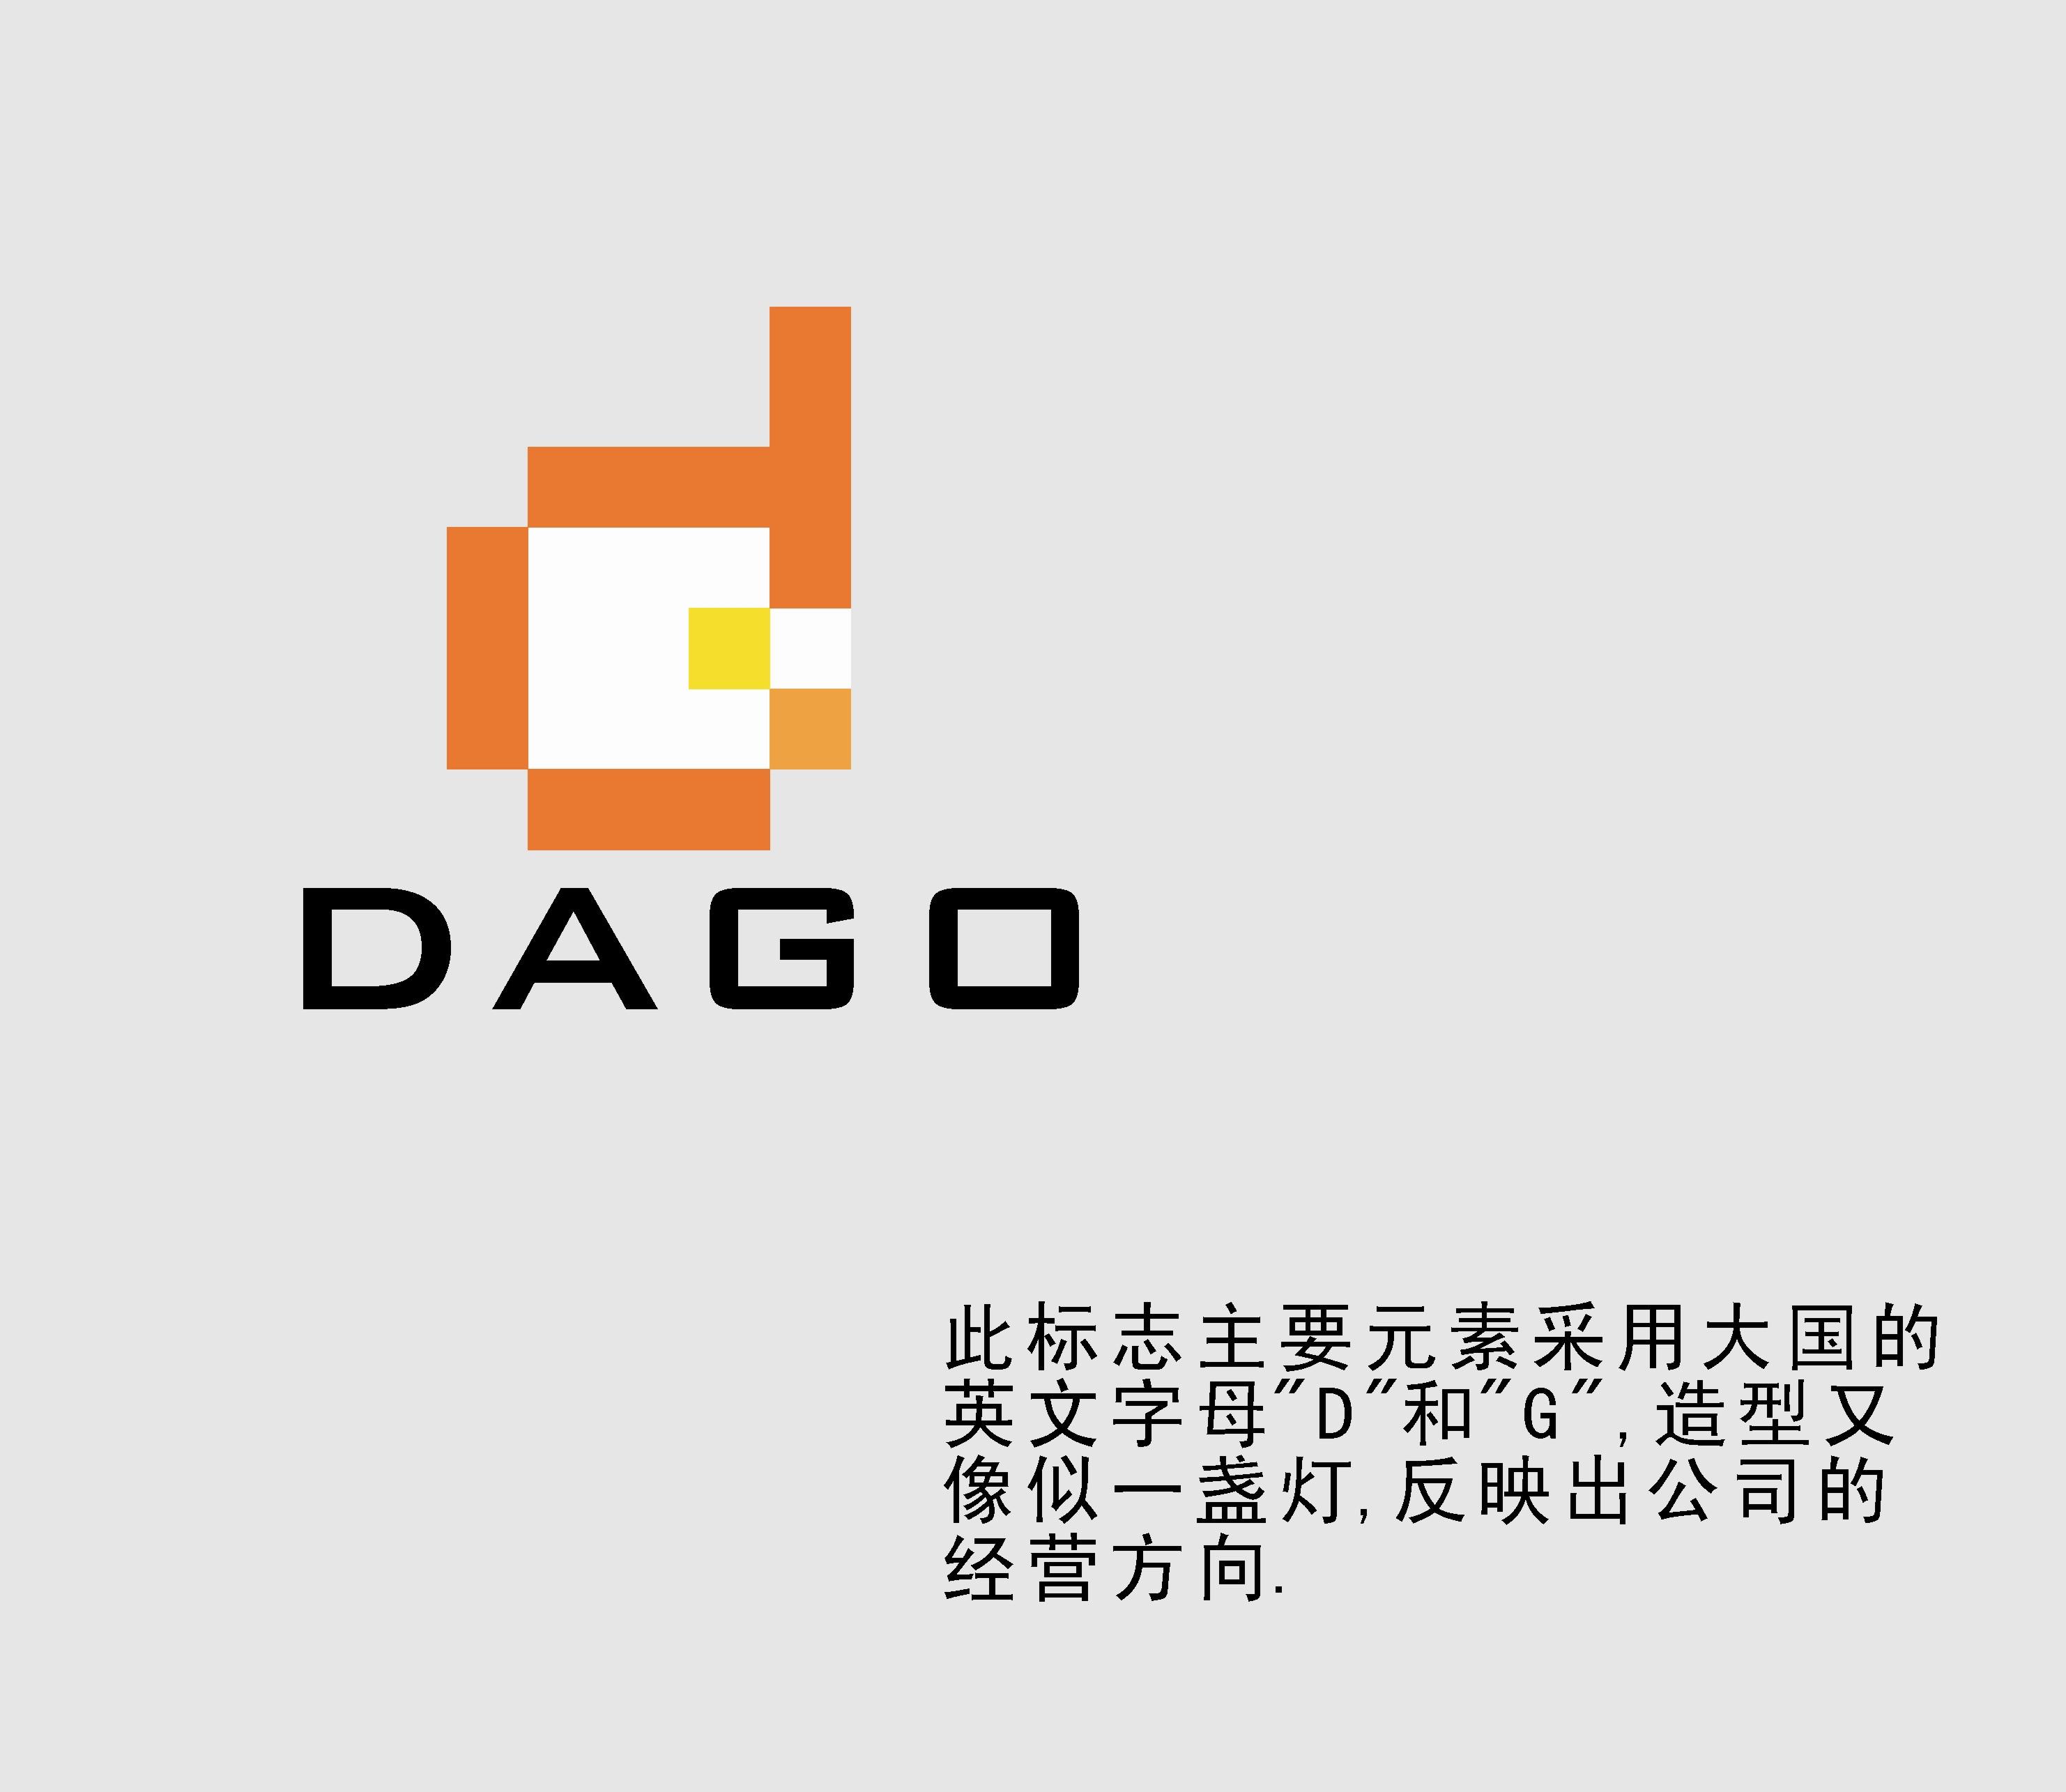 大国国际照明公司logo设计(有新增要求)